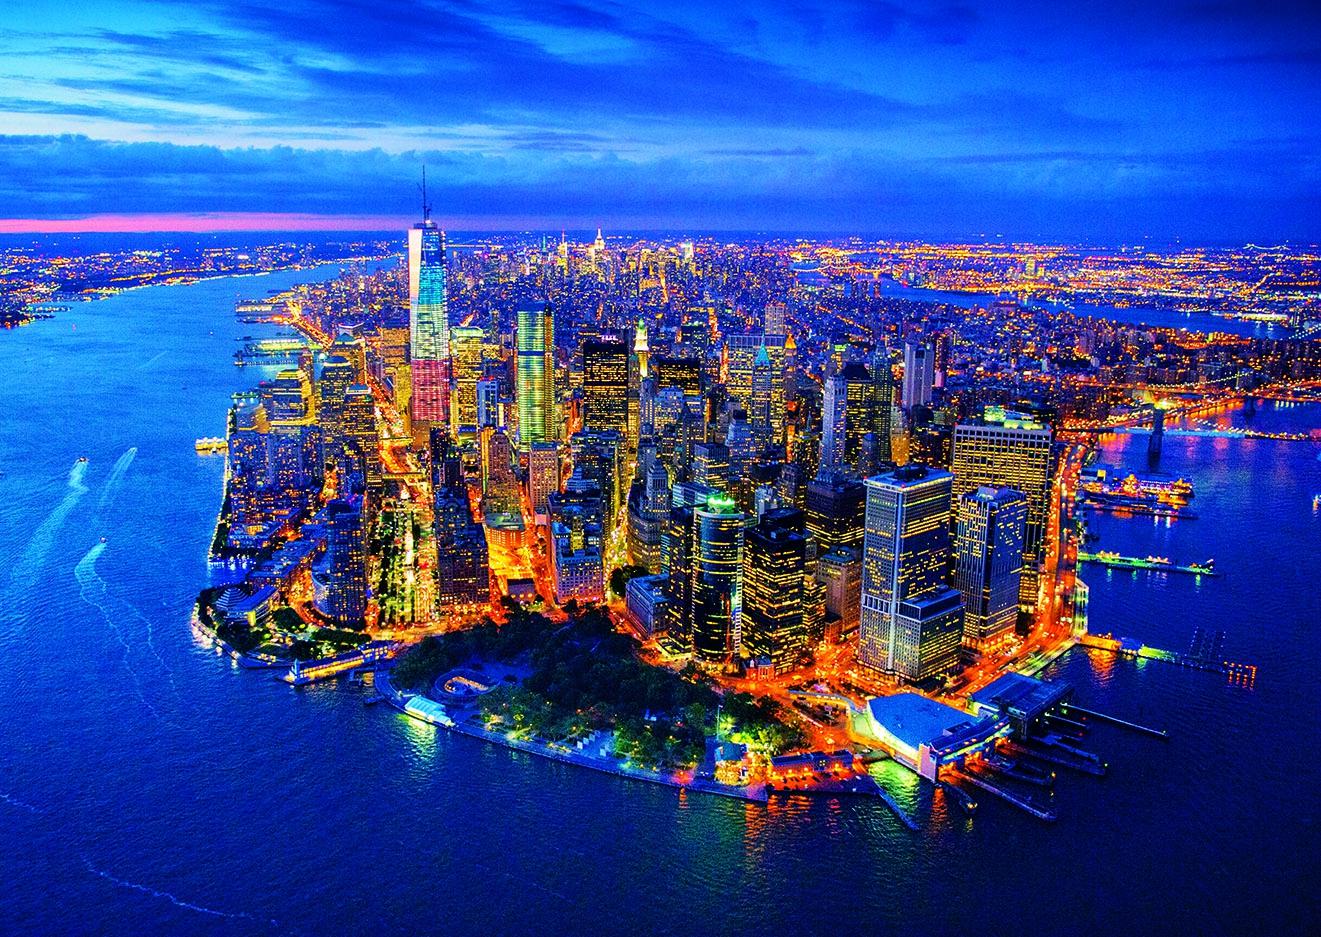 Картинки с нью-йорком, поздравления